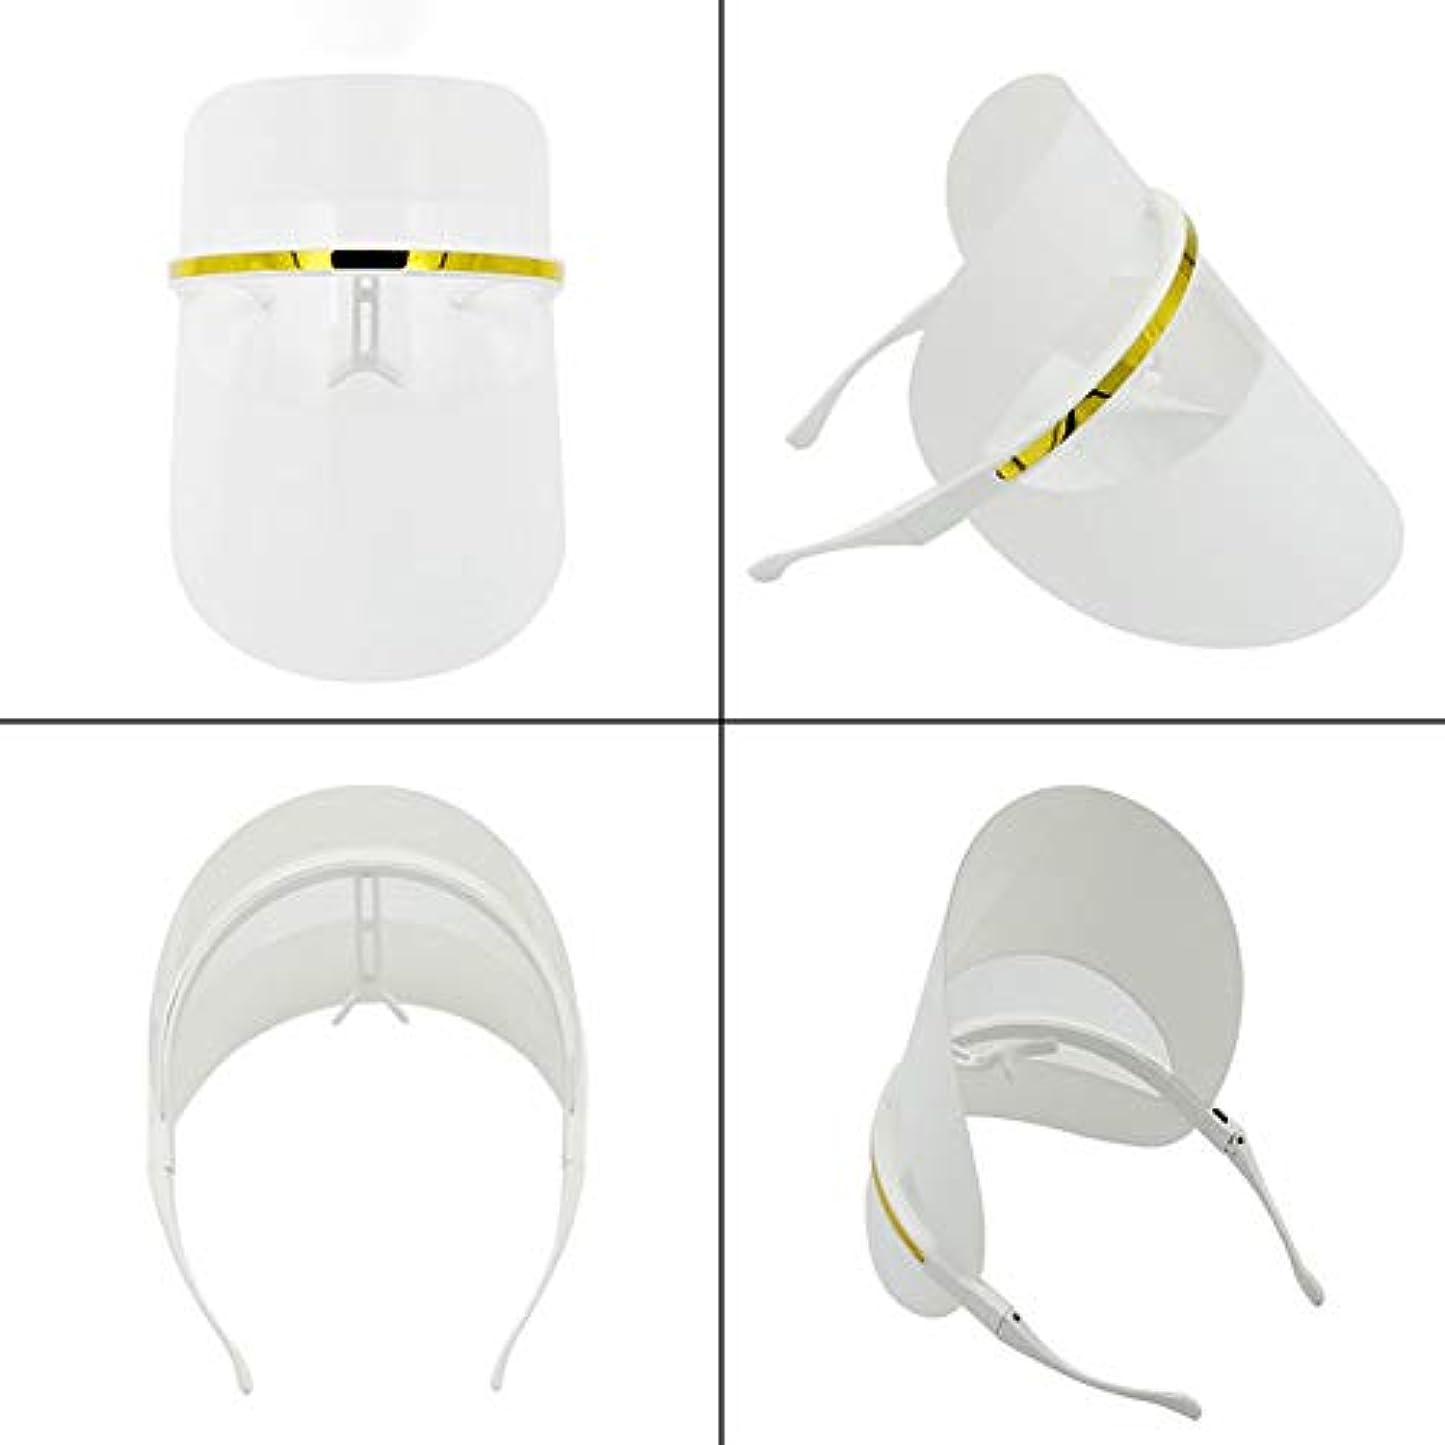 ドア事依存7色LEDフェイスマスク、LEDフォトンビューティーマスク、健康的な肌の若返りのためのフォトンレッドライトセラピー、コラーゲン、アンチエイジング、しわ、瘢痕